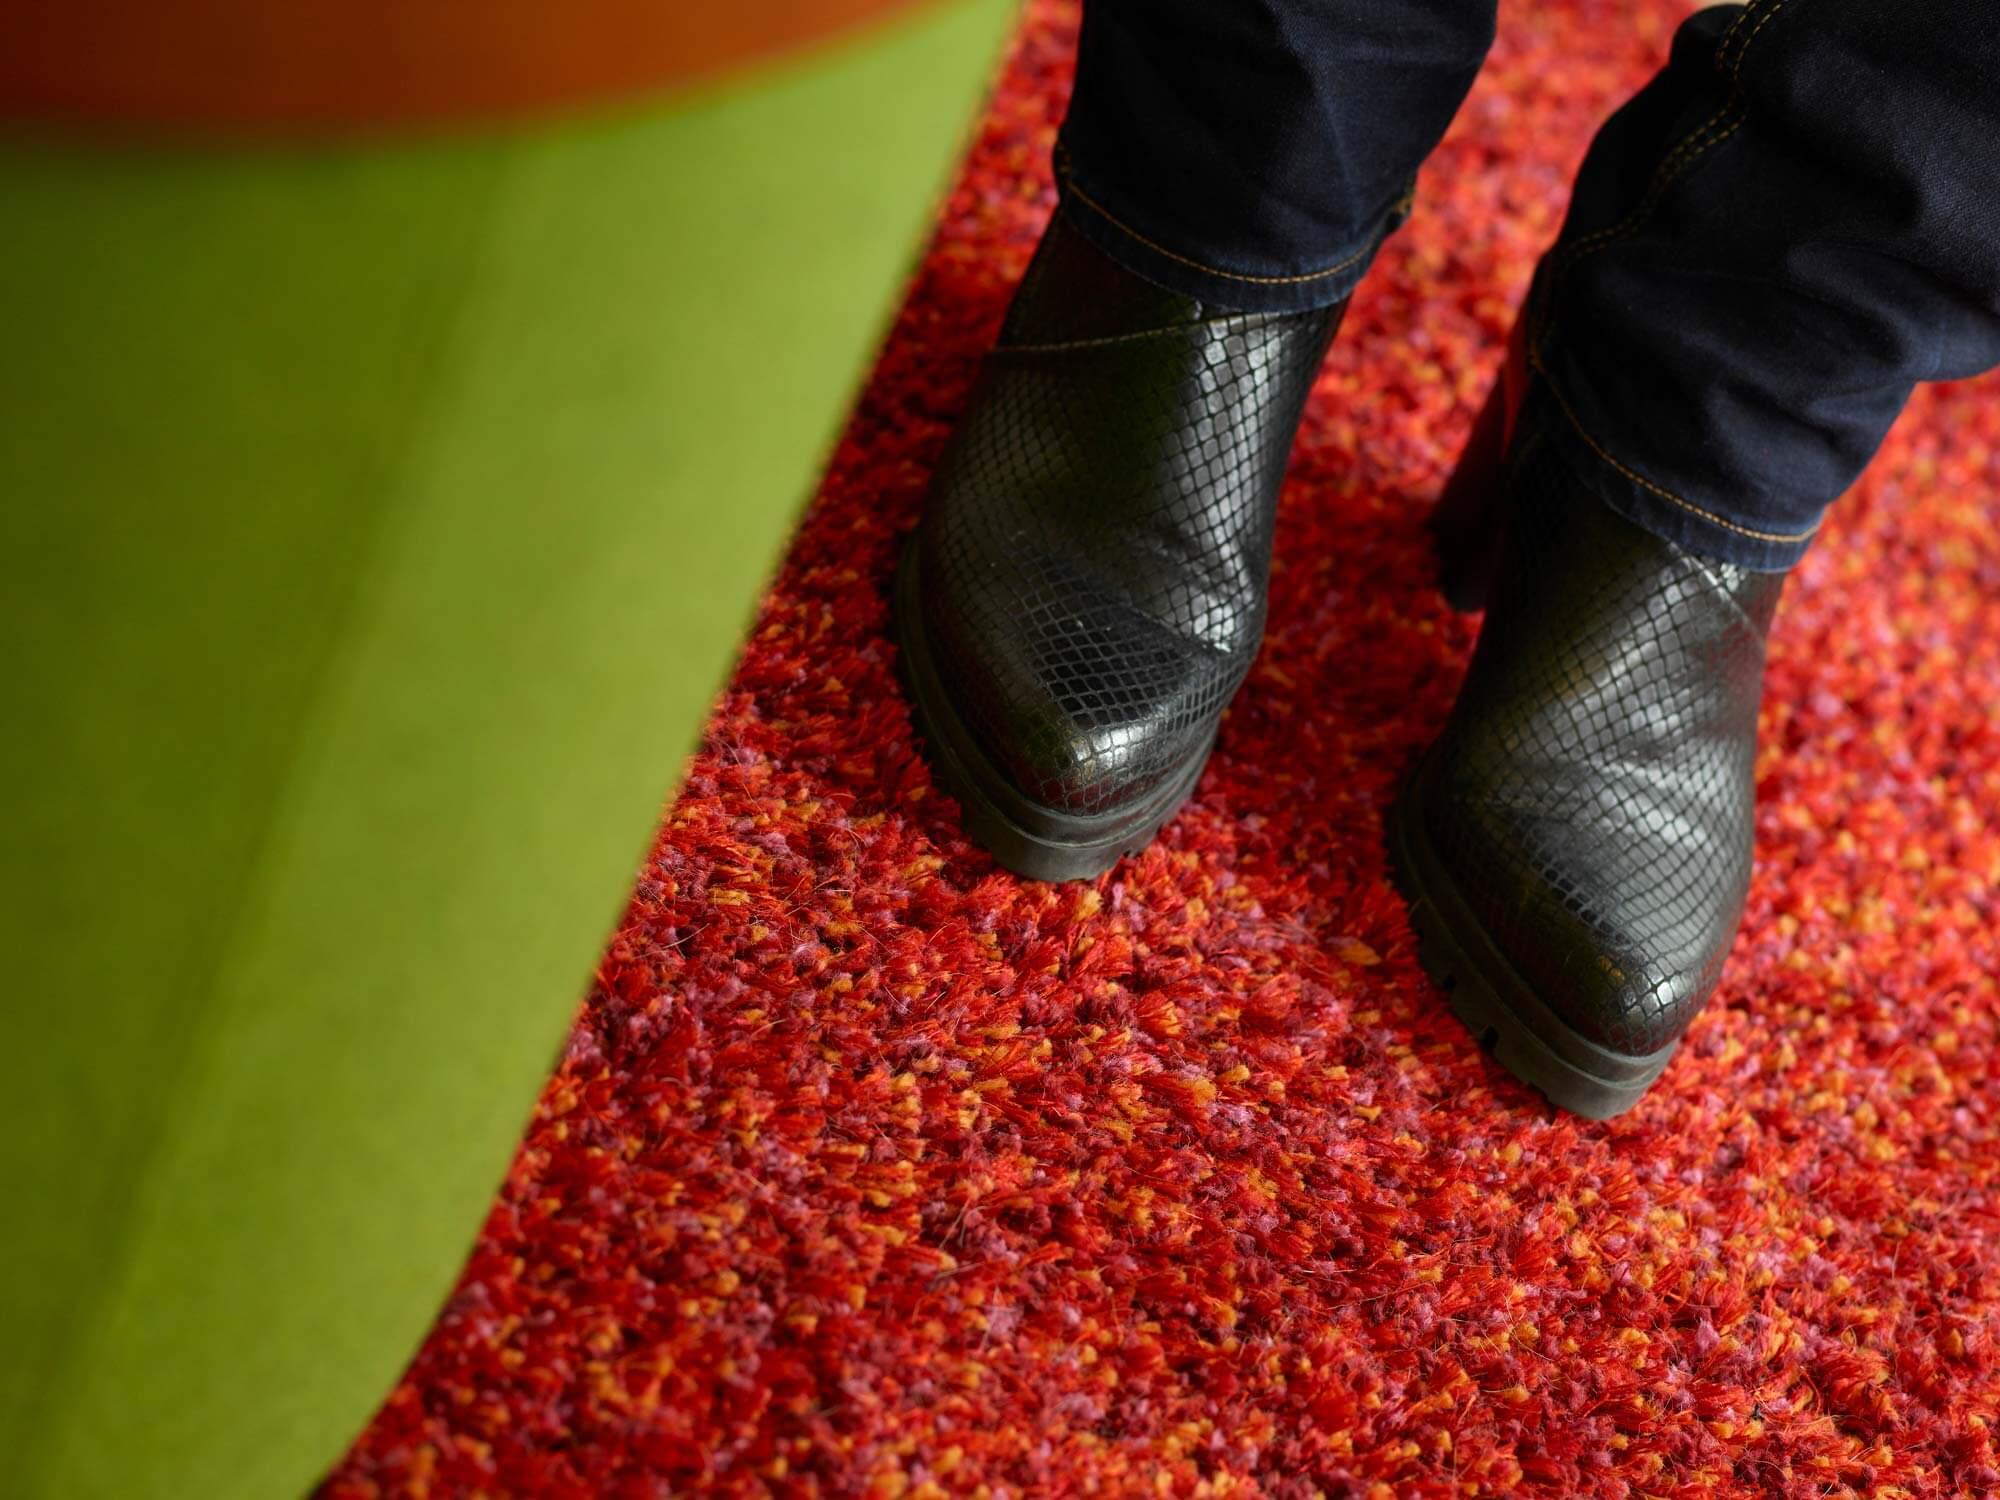 Schuhe von Manuela Reibold-Rolinger auf einem roten Teppich